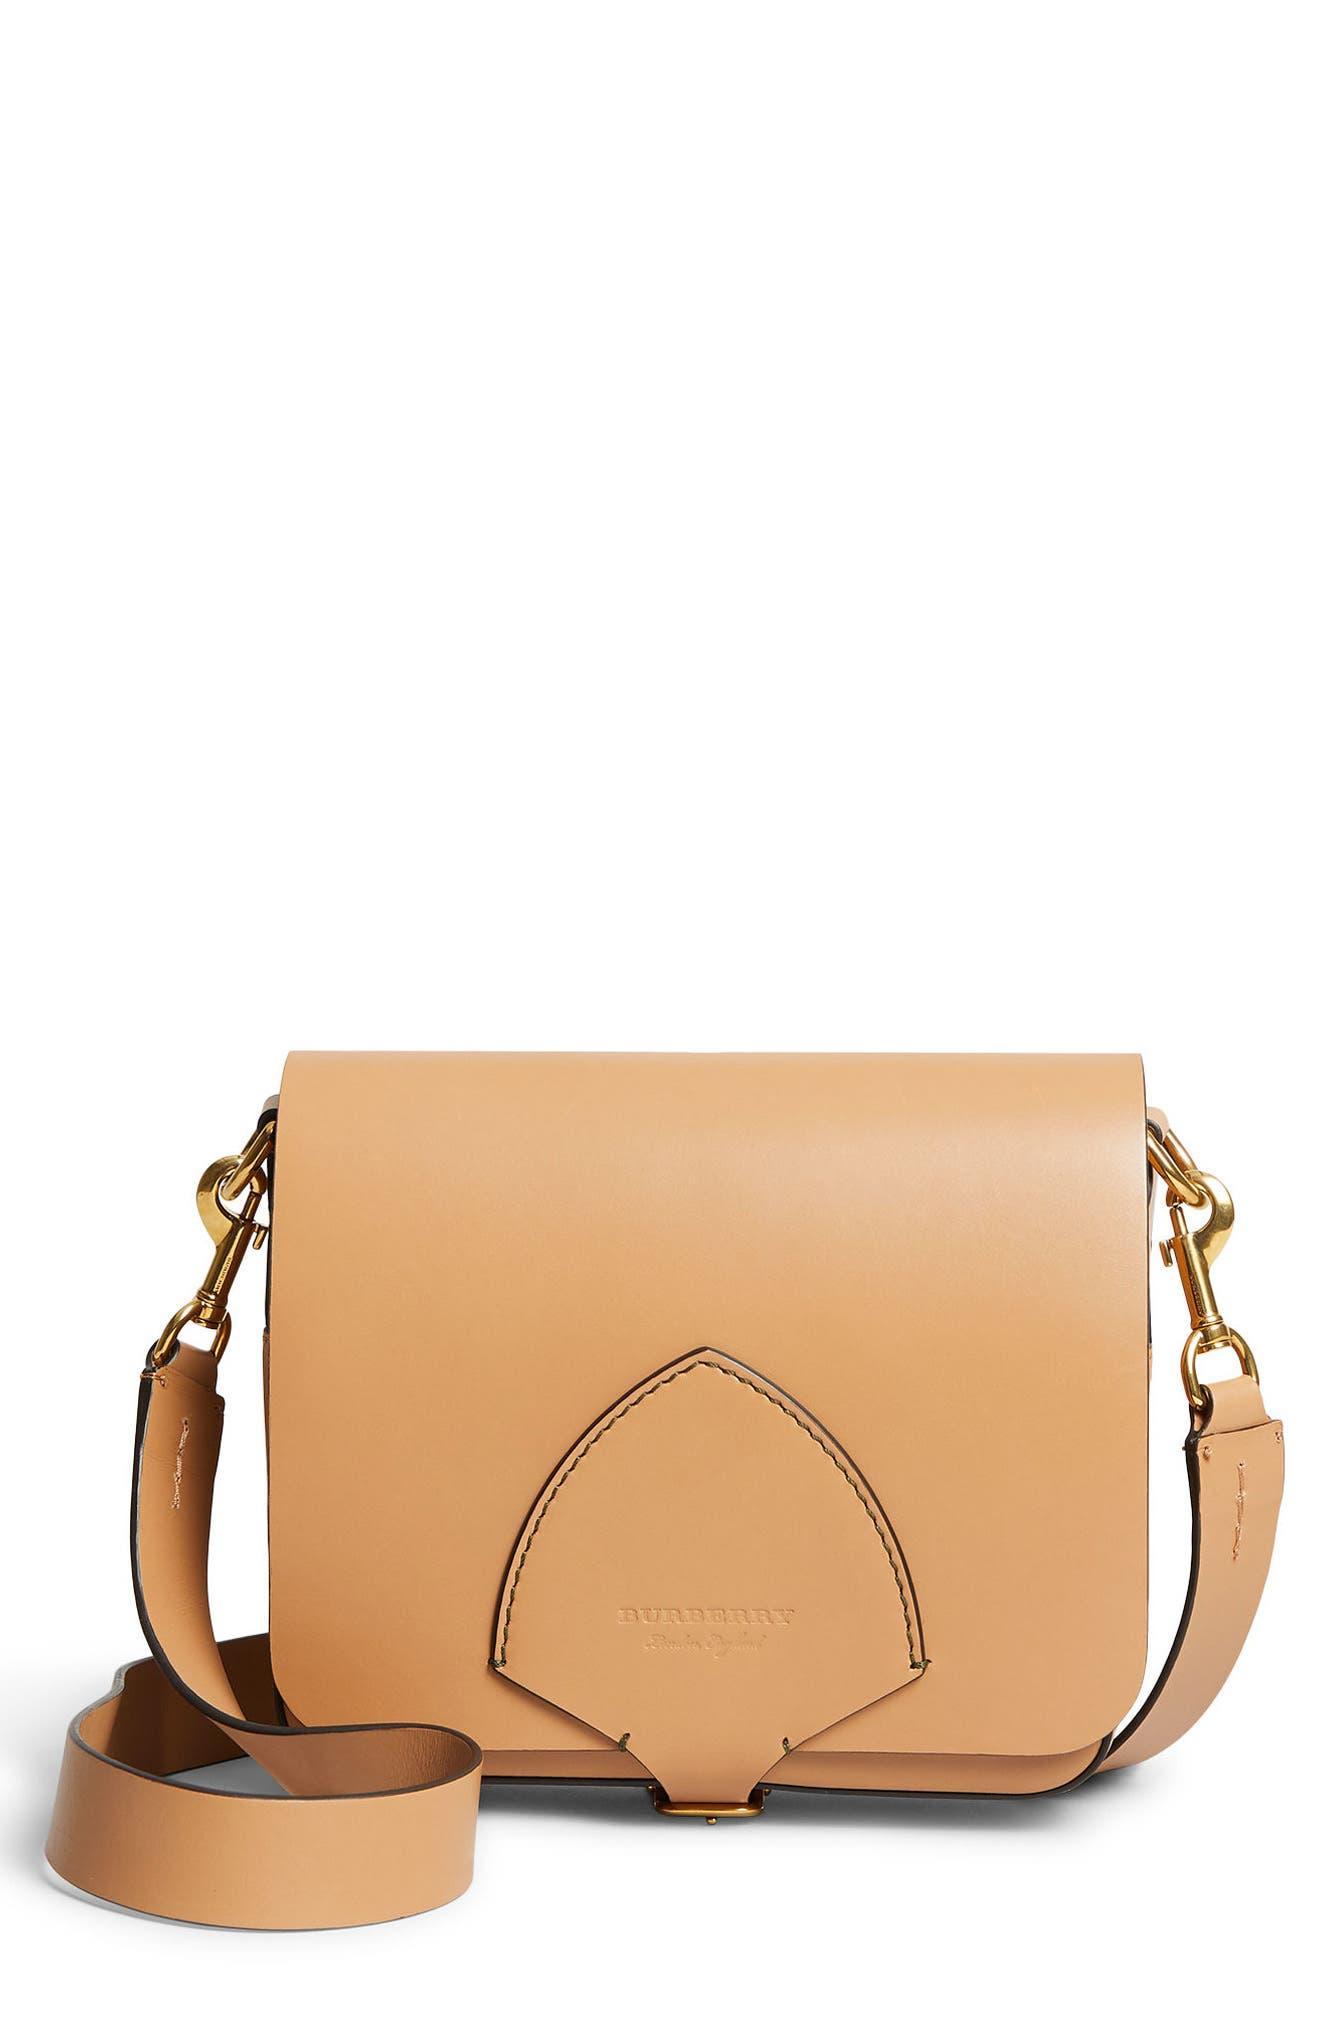 Alternate Image 1 Selected - Burberry Leather Shoulder Bag